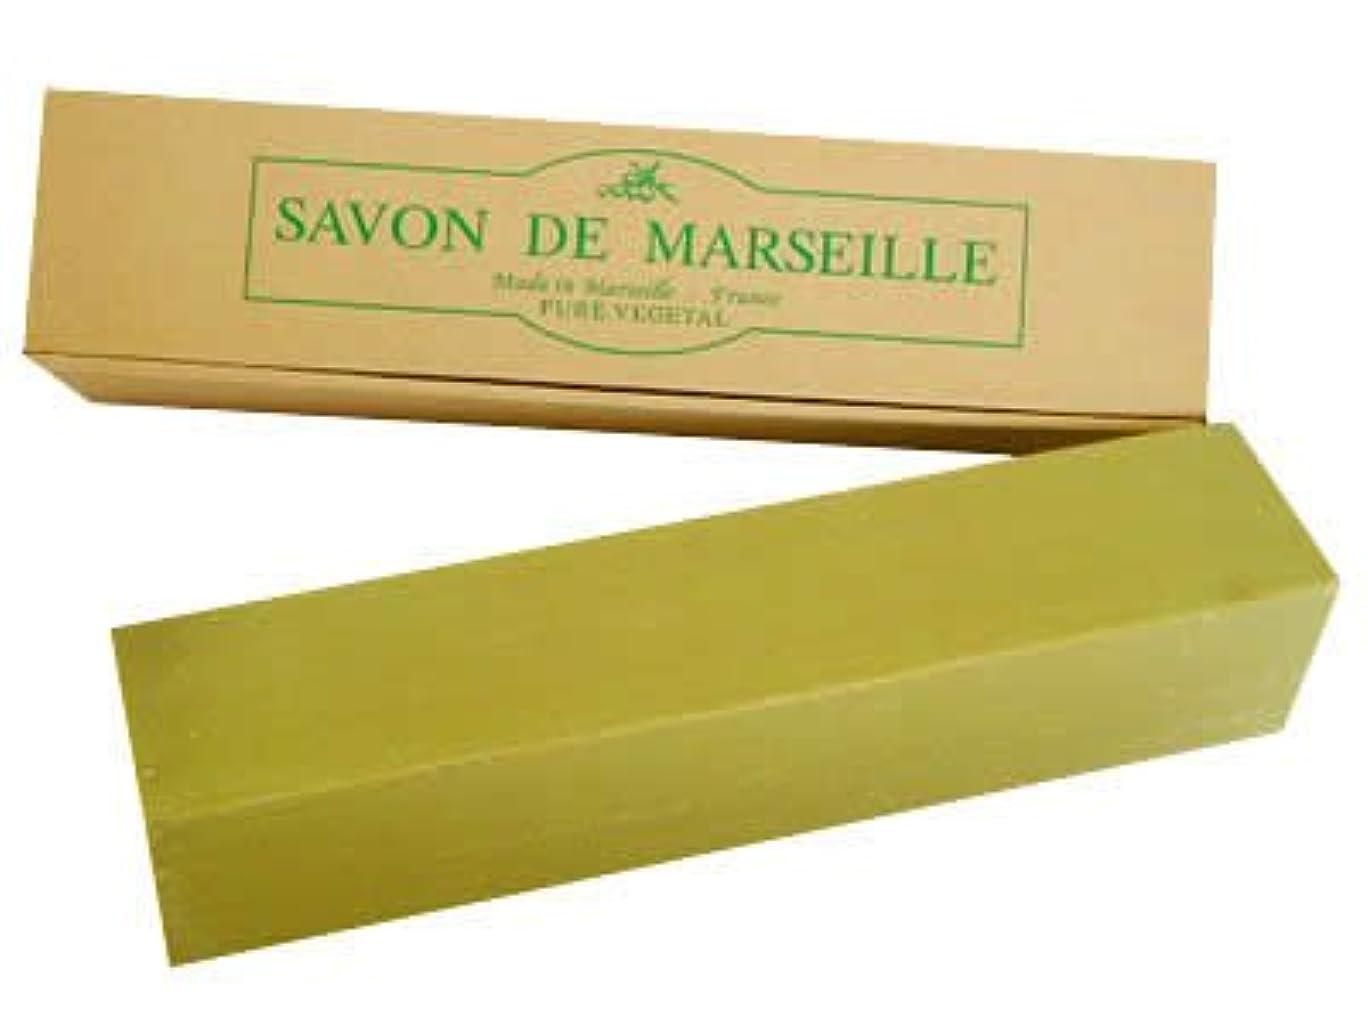 多くの危険がある状況確認してください喜びマルセイユ石鹸 オリーブ2000g